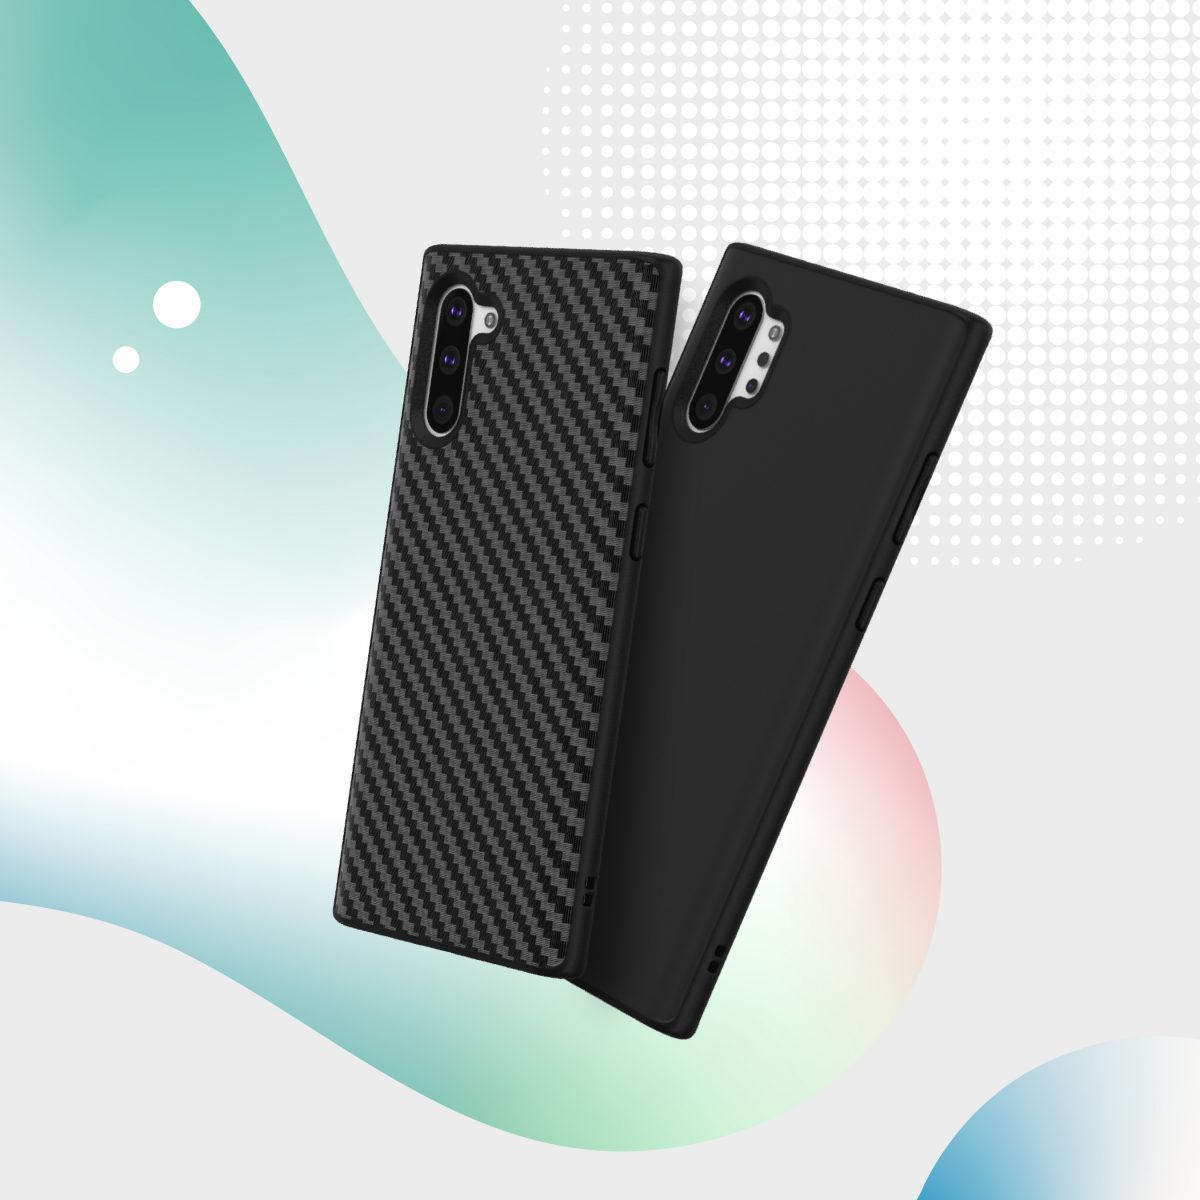 犀牛盾打造三星 Galaxy Note10 系列週邊配件,8/23 與手機同步開賣